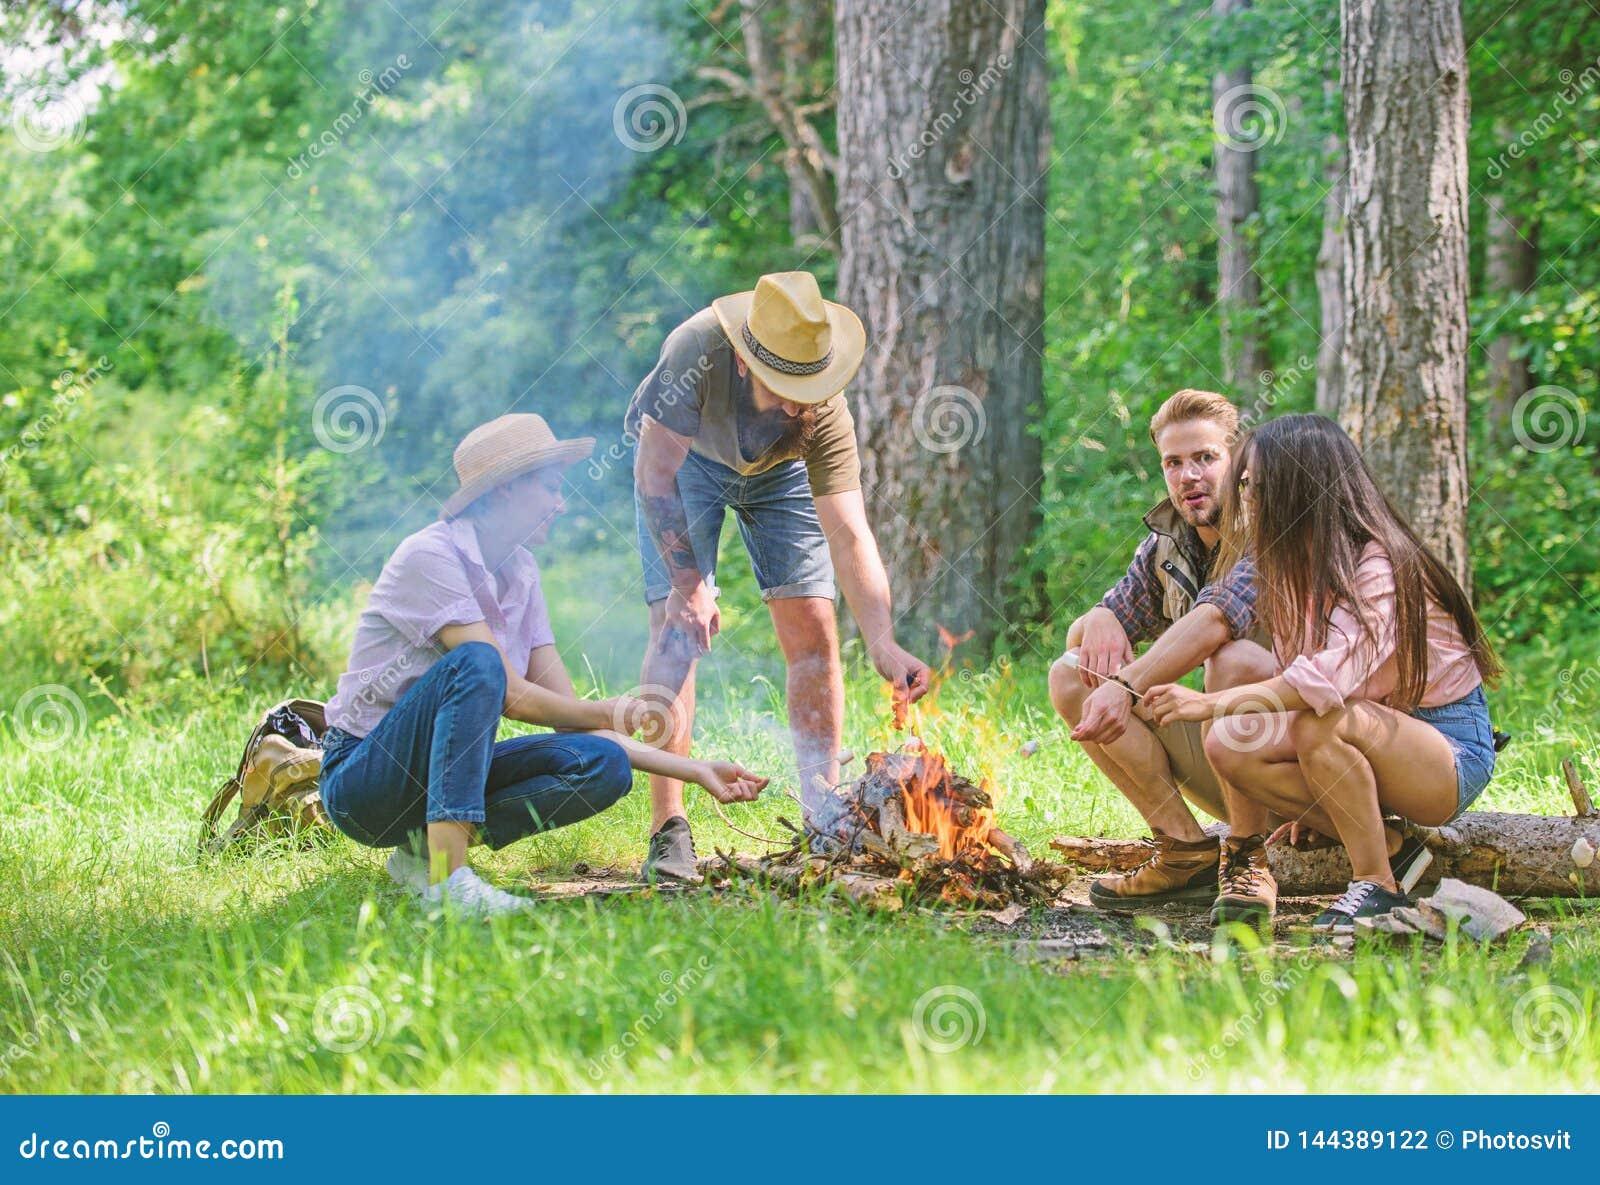 Firma przyjaciele przygotowywaj? piec marshmallows przek?ski natury t?o Campingowa aktywno?? Firmy m?odo?ci campingowy las